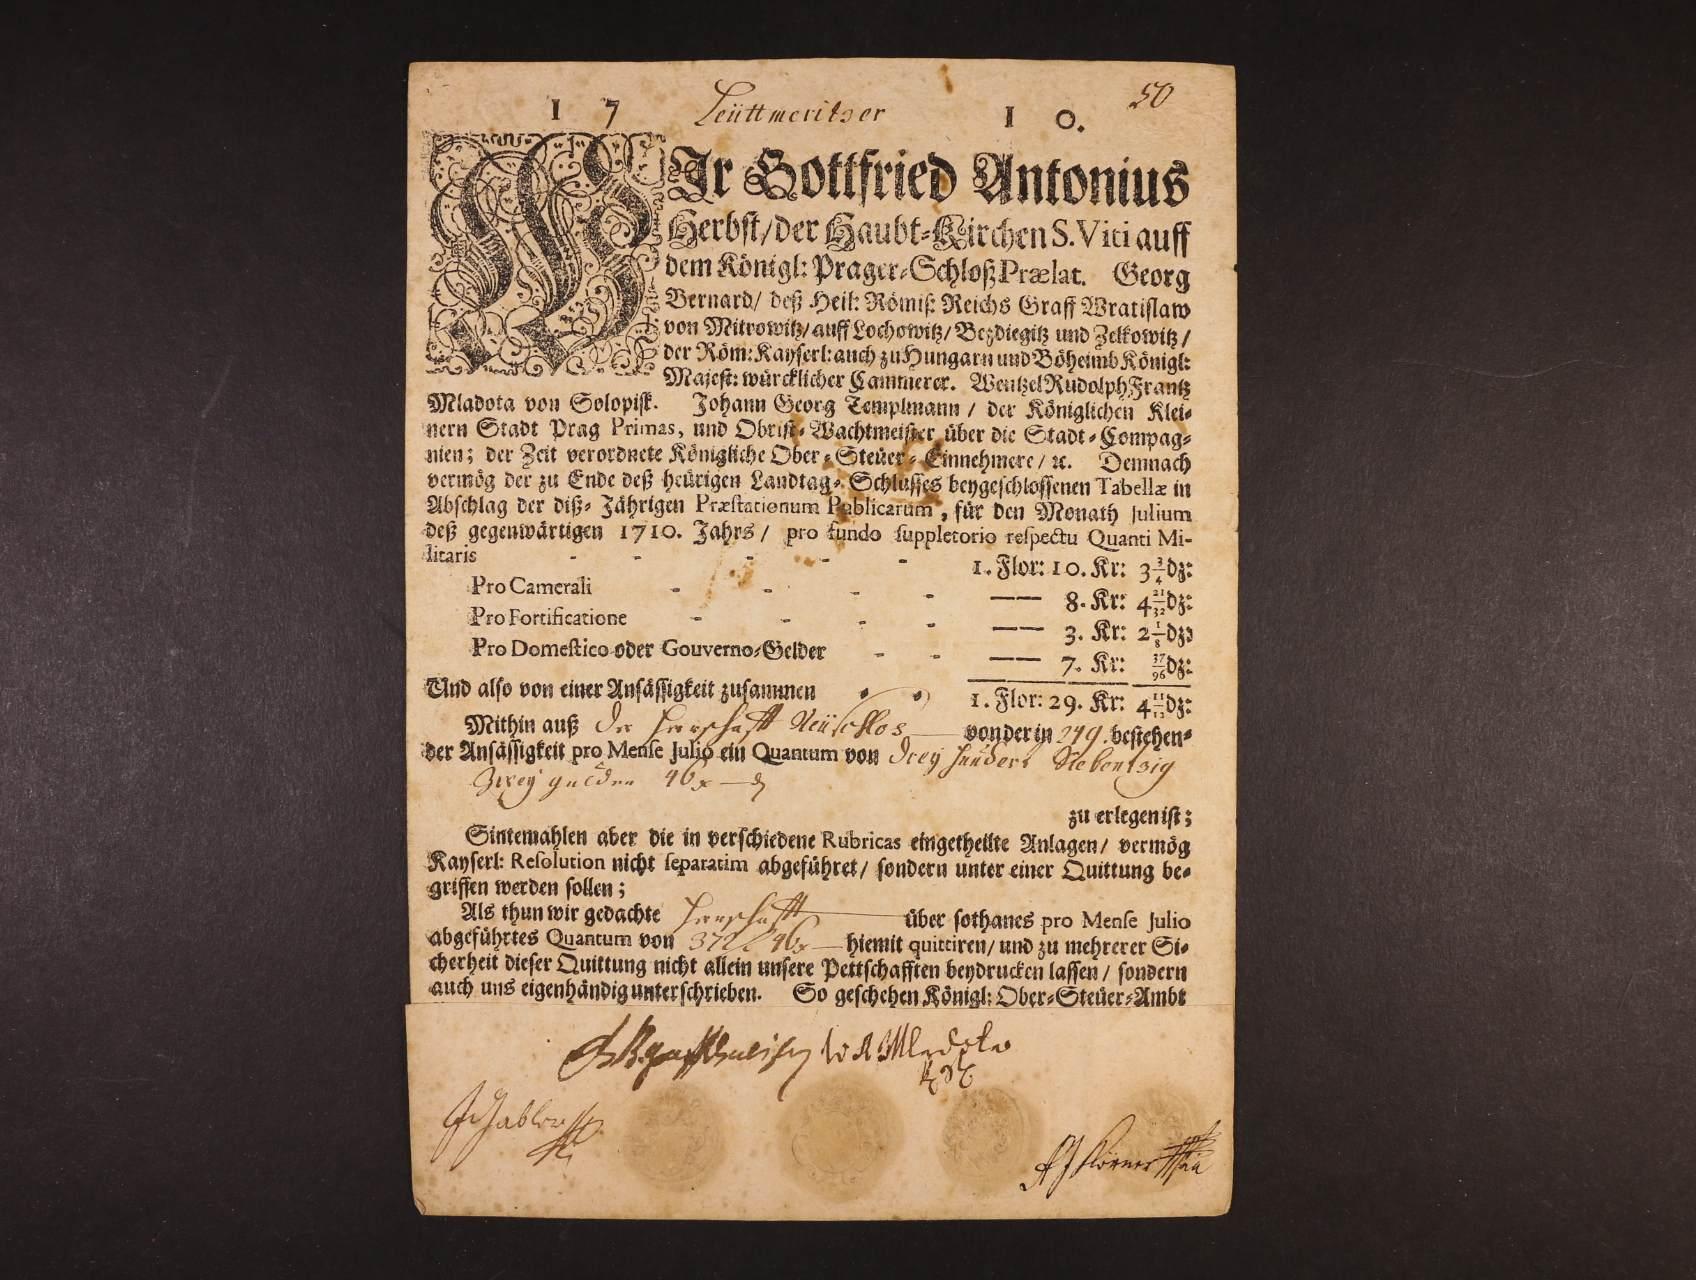 kvitance preláta chrámu Sv. Víta z r. 1710 - potvrzení peněžního daru se čtyřmi suchými pečetěmi